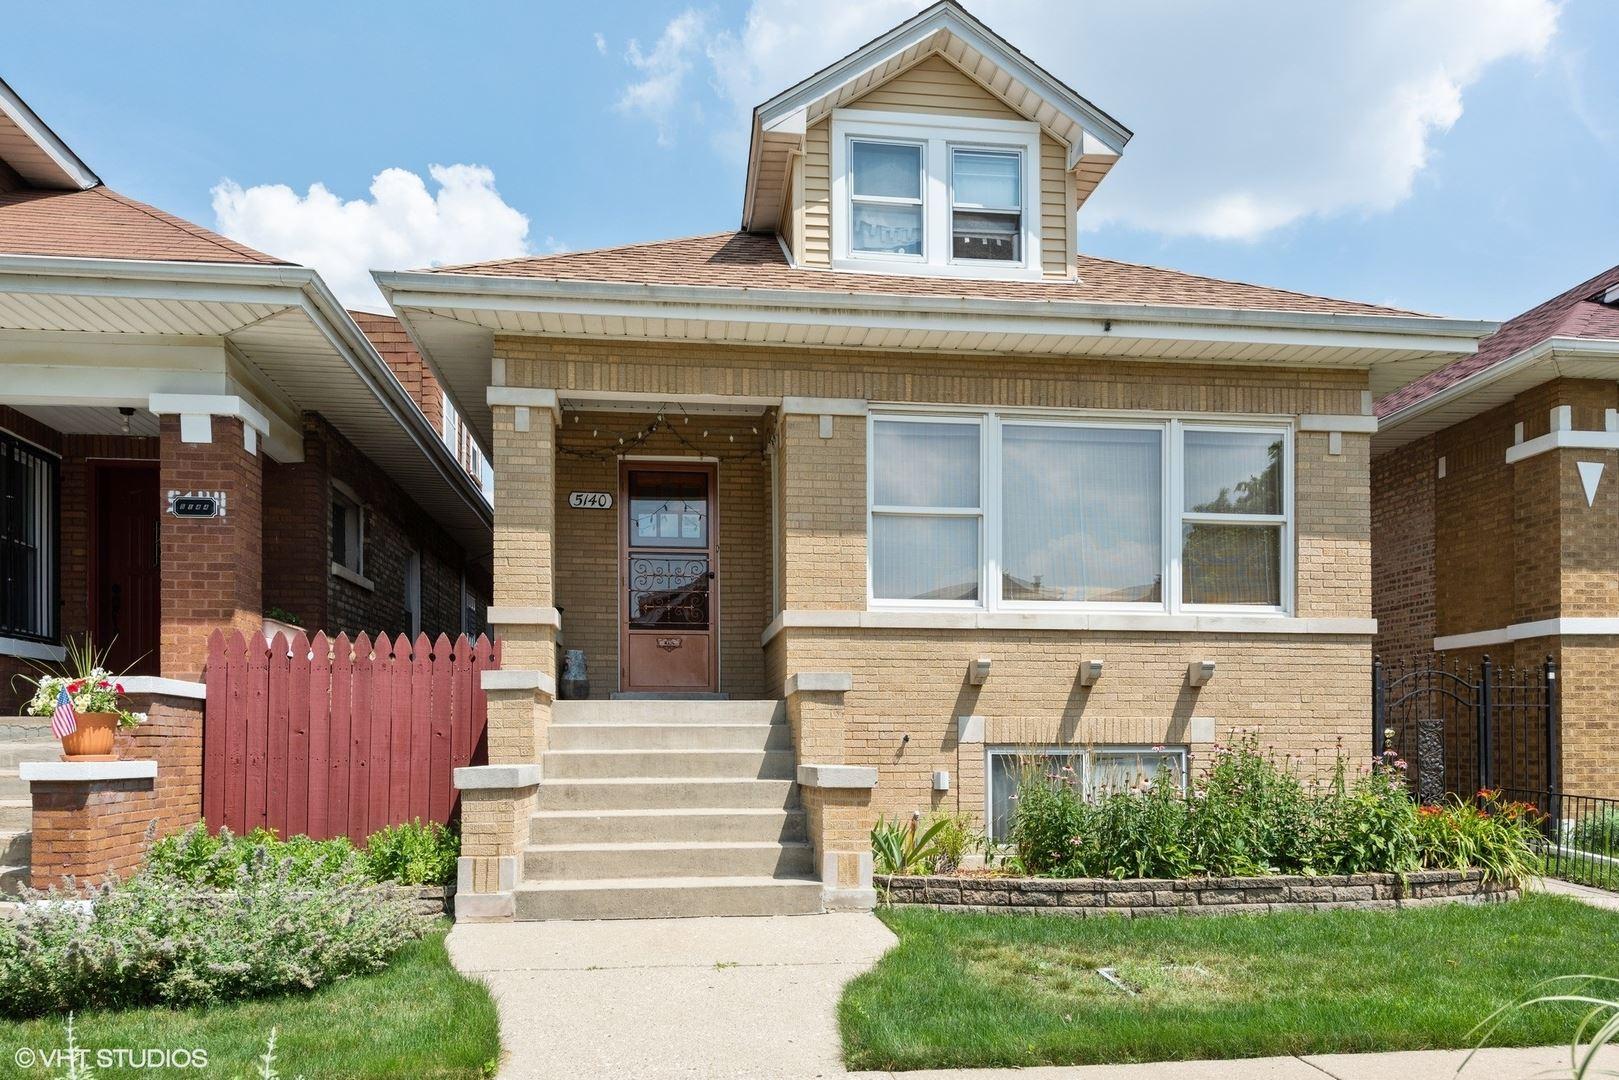 5140 W Barry Avenue, Chicago, IL 60641 - #: 10773631